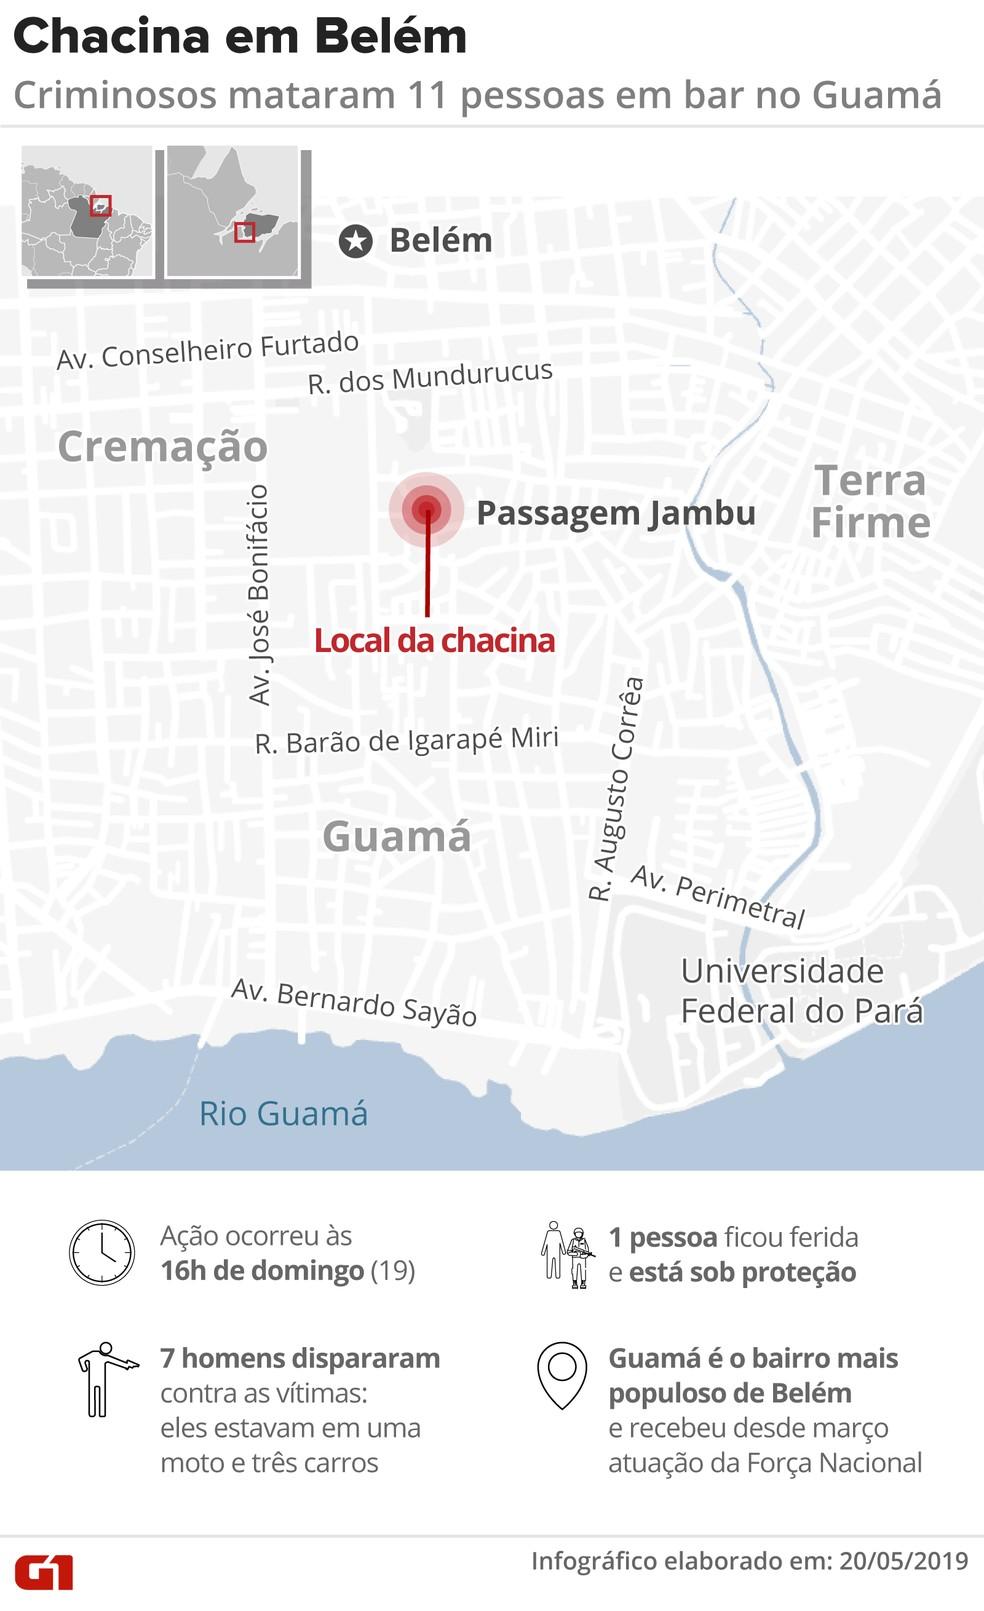 Chacina em Belém - Local: crime ocorreu em bar no Guamá, bairro da periferia de Belém. — Foto: Arte: G1